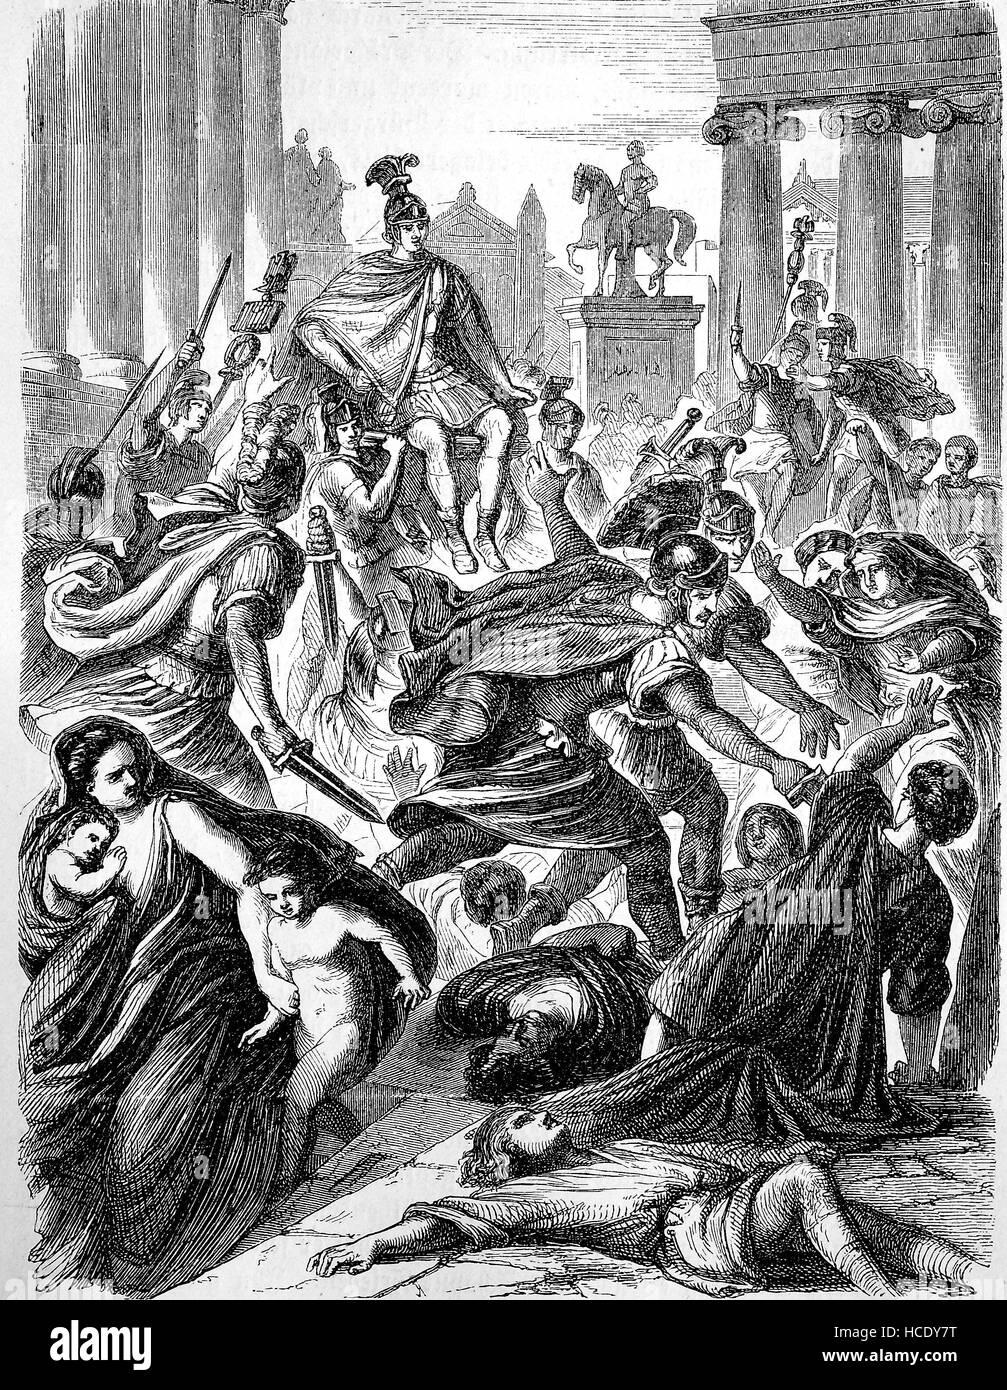 La ribellione del Praetorian Guard, 306 AD, la storia di Roma antica, l'impero romano, Italia Immagini Stock